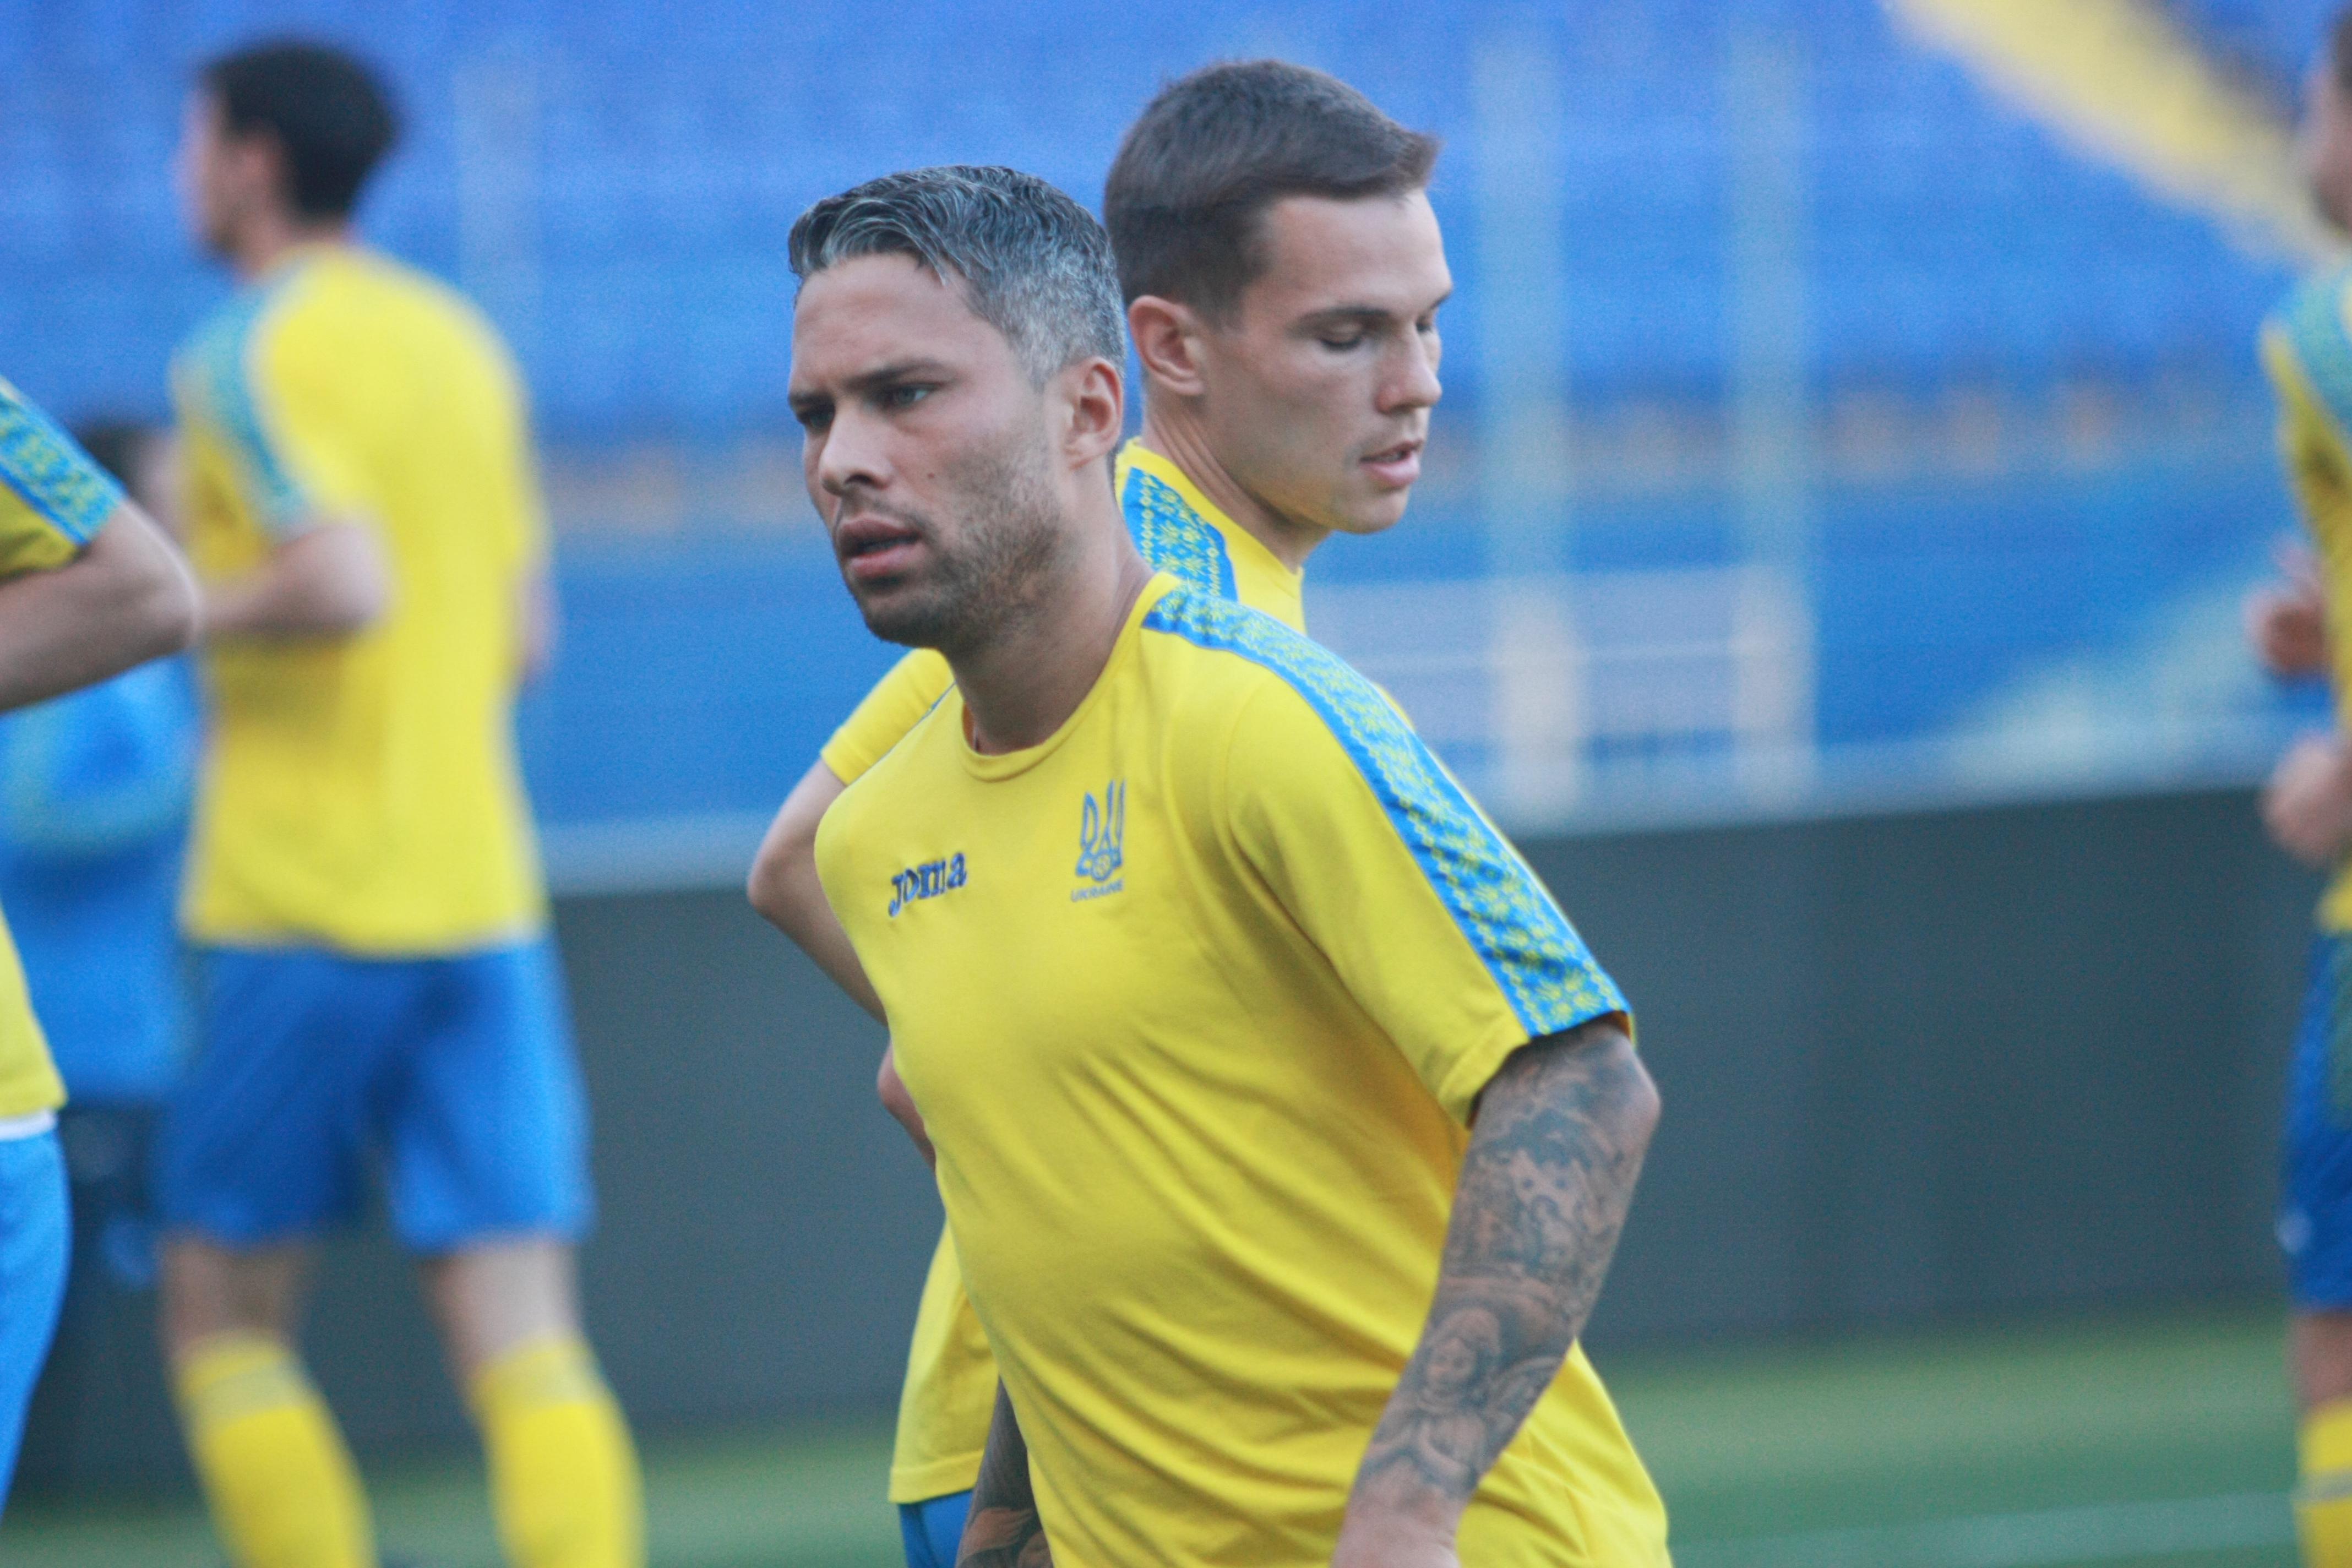 e77b2e57a176a1 Марлос, всі фахівці вважають, що поєдинок проти Чехії став кращою твоєю  грою в складі збірної України. Ти з цим згоден?